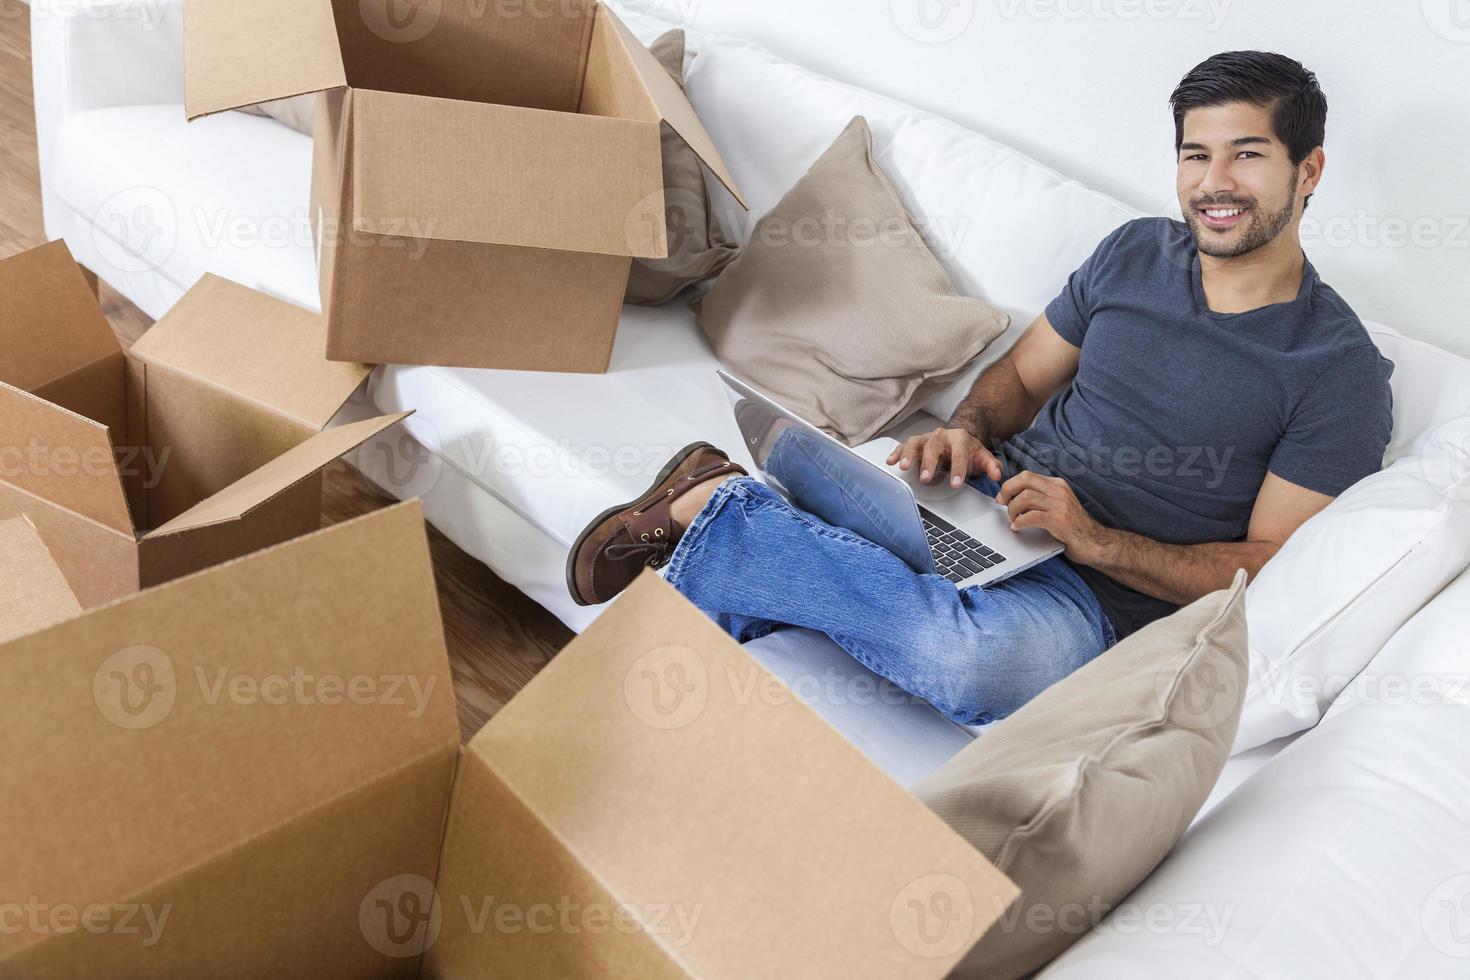 homme asiatique, utilisation, ordinateur portable, déballage, boîtes, en mouvement, maison photo